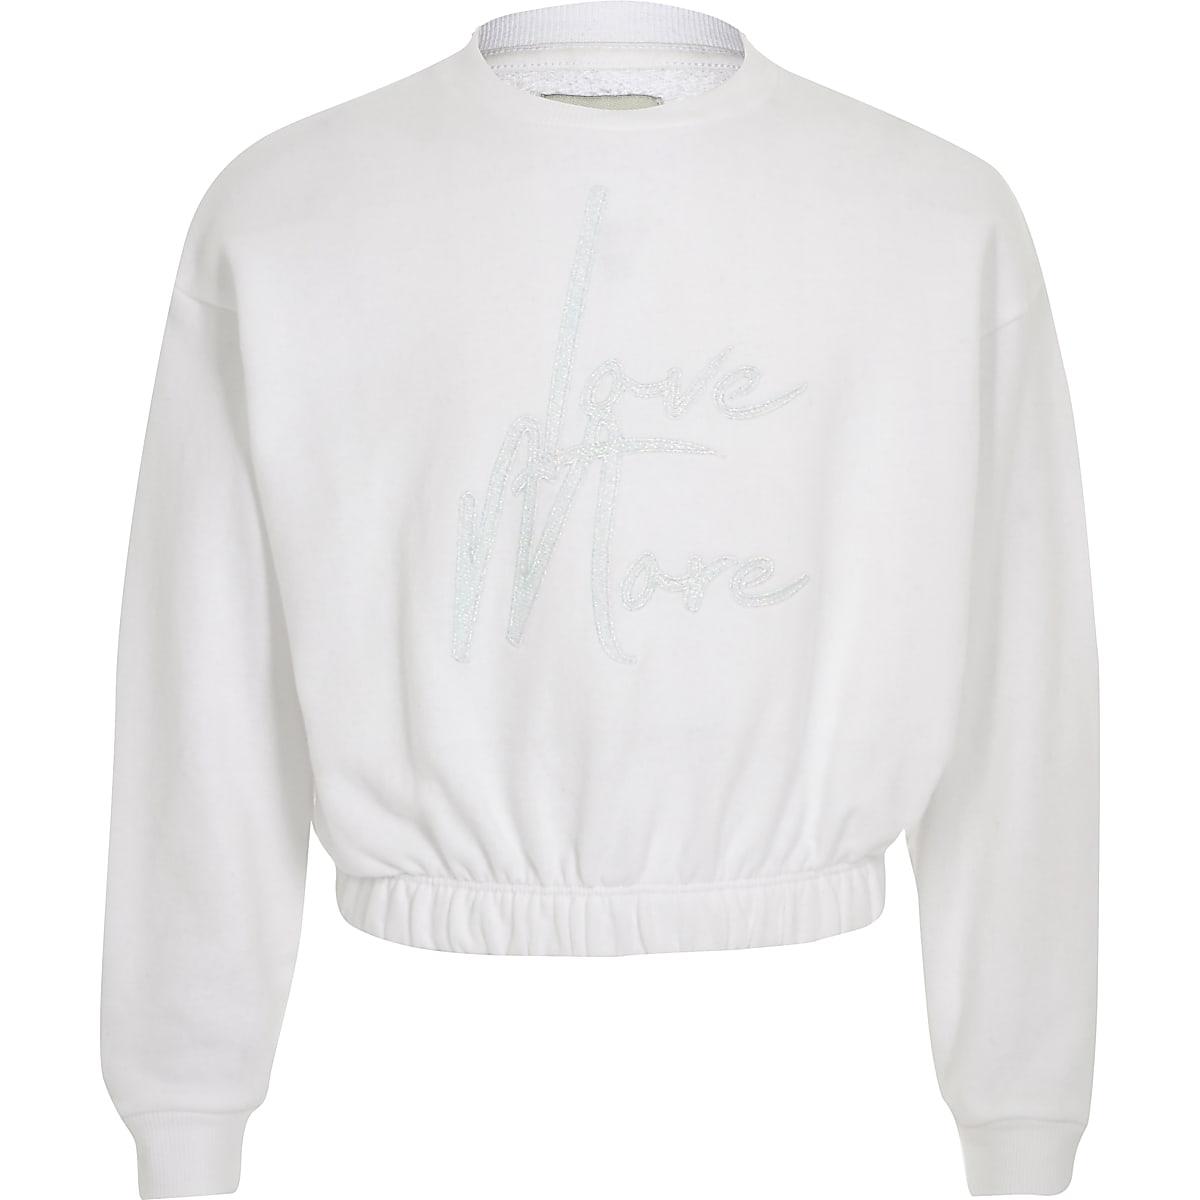 Wit sweatshirt met 'Love more'-print voor meisjes